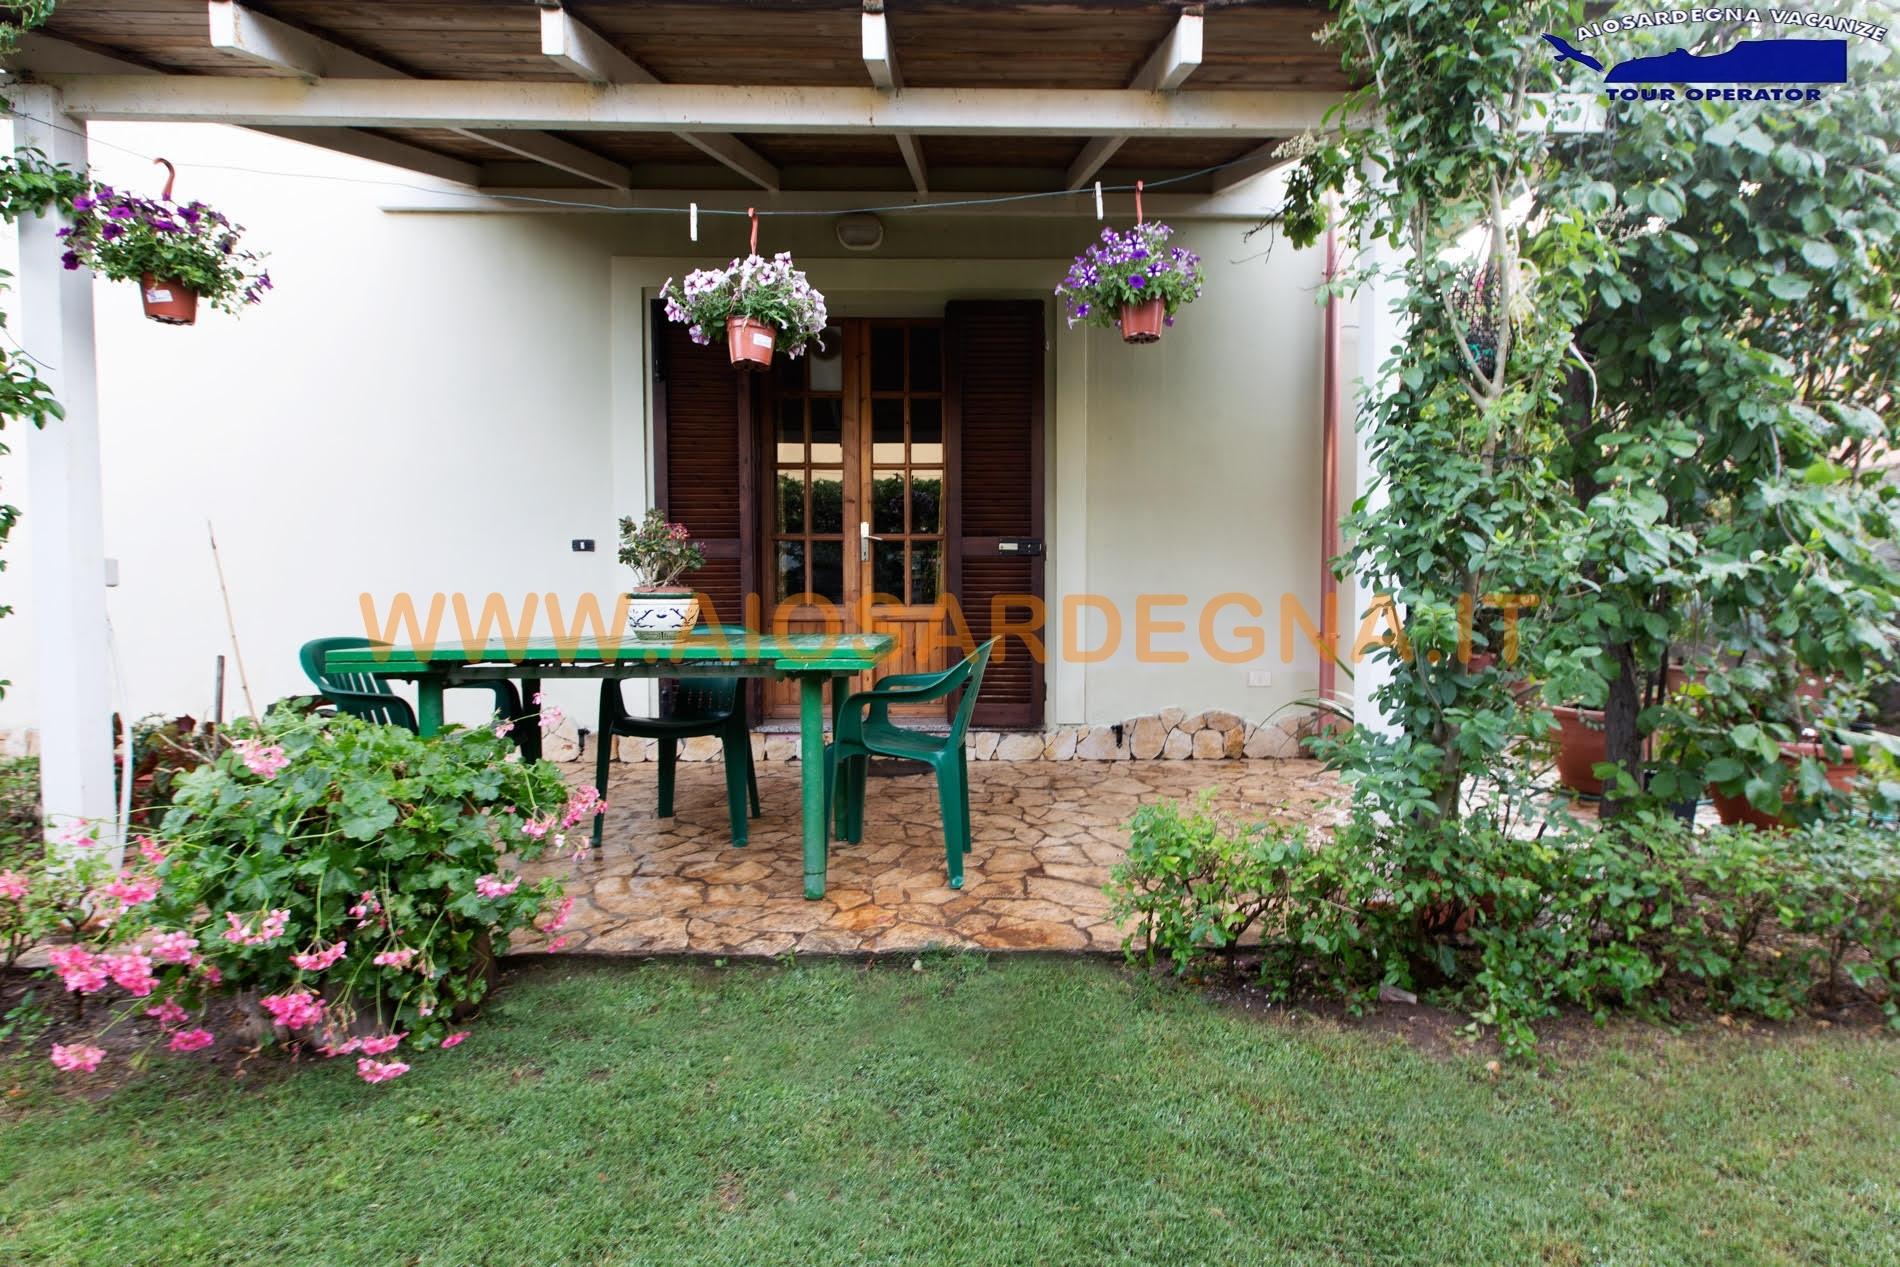 Alquiler casas de vacaciones apartamento con jardìn Pula Cerdeña sur